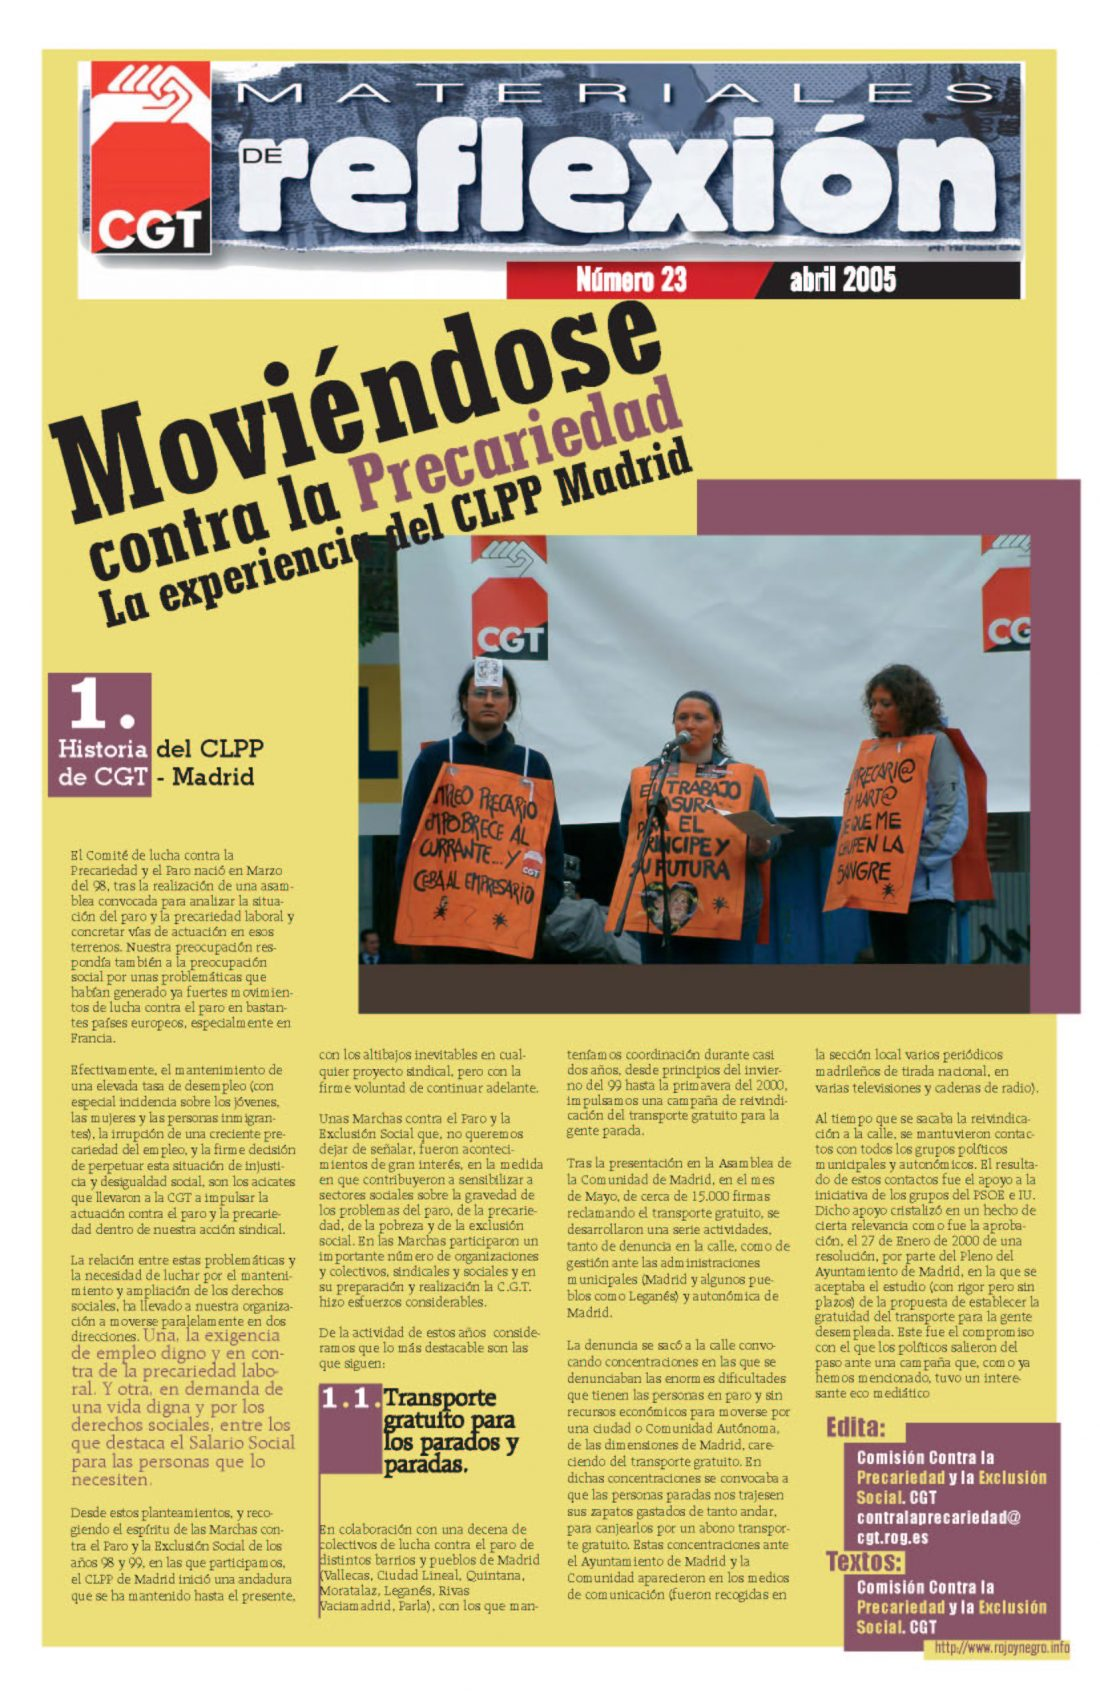 MR 23 Comisión de Lucha contra la Precariedad de Madrid